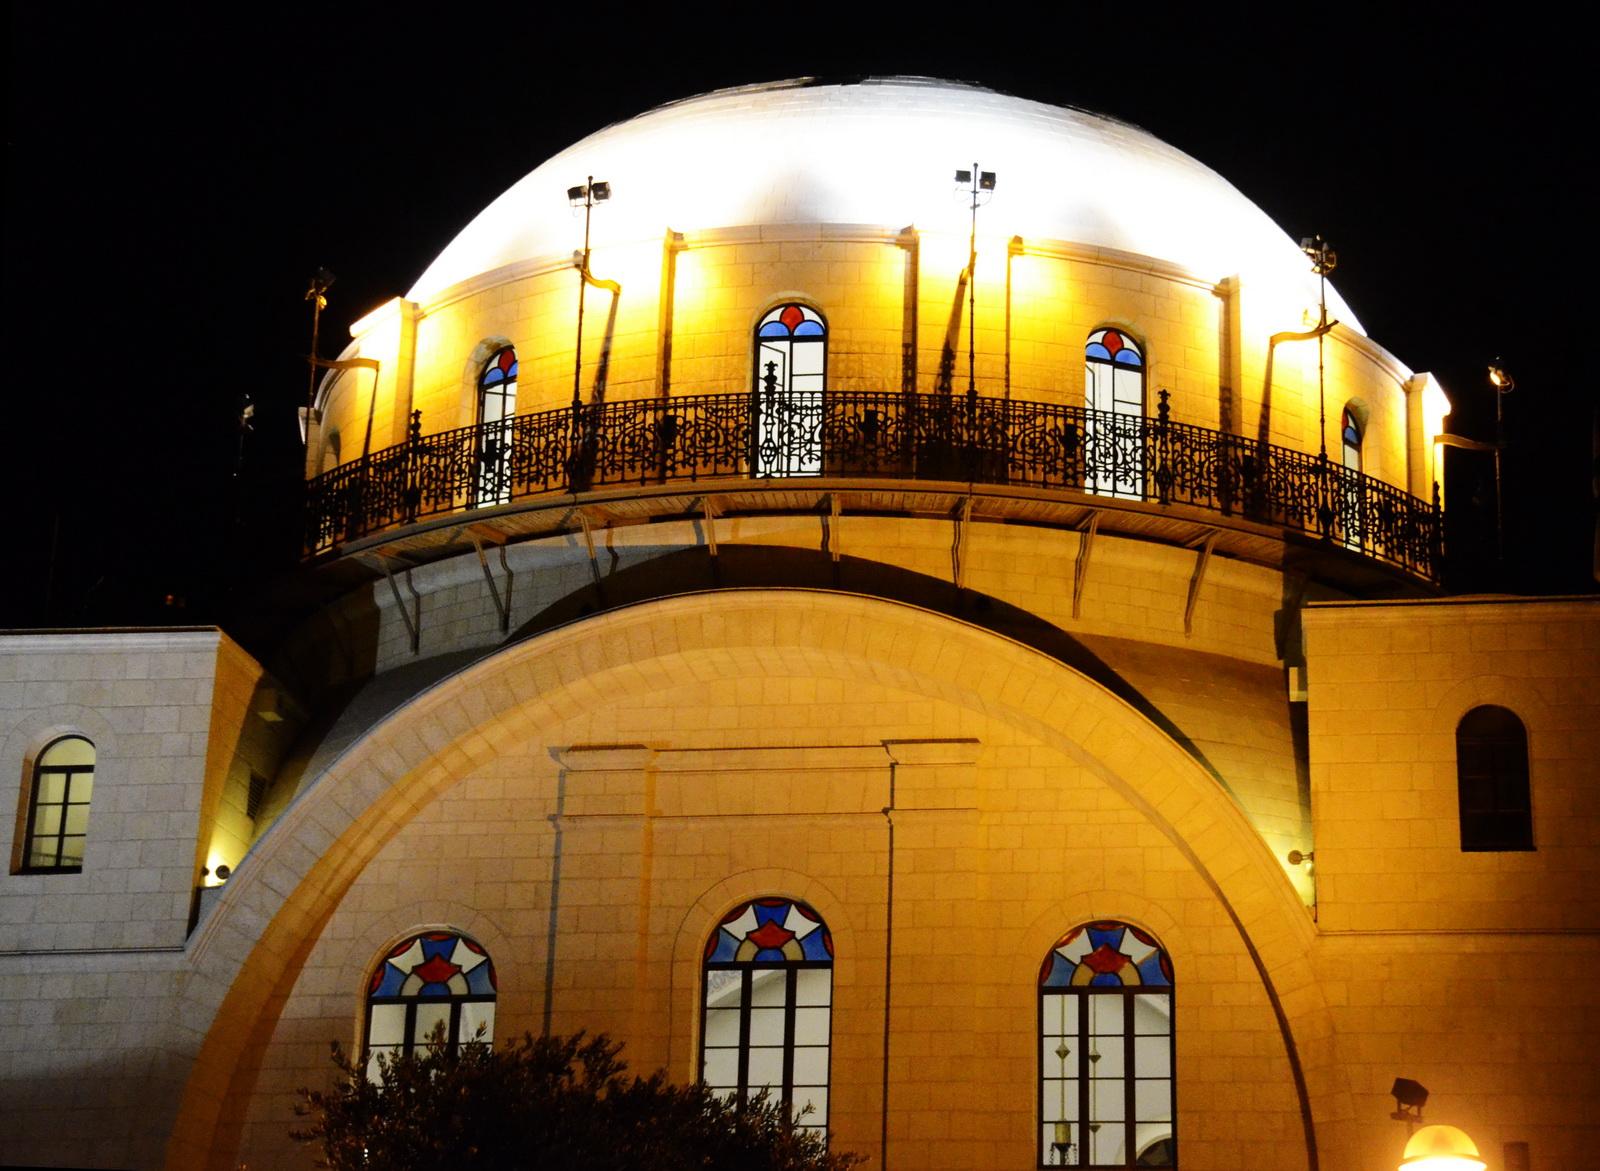 בית כנסת 'החורבה' - מואר בלילה